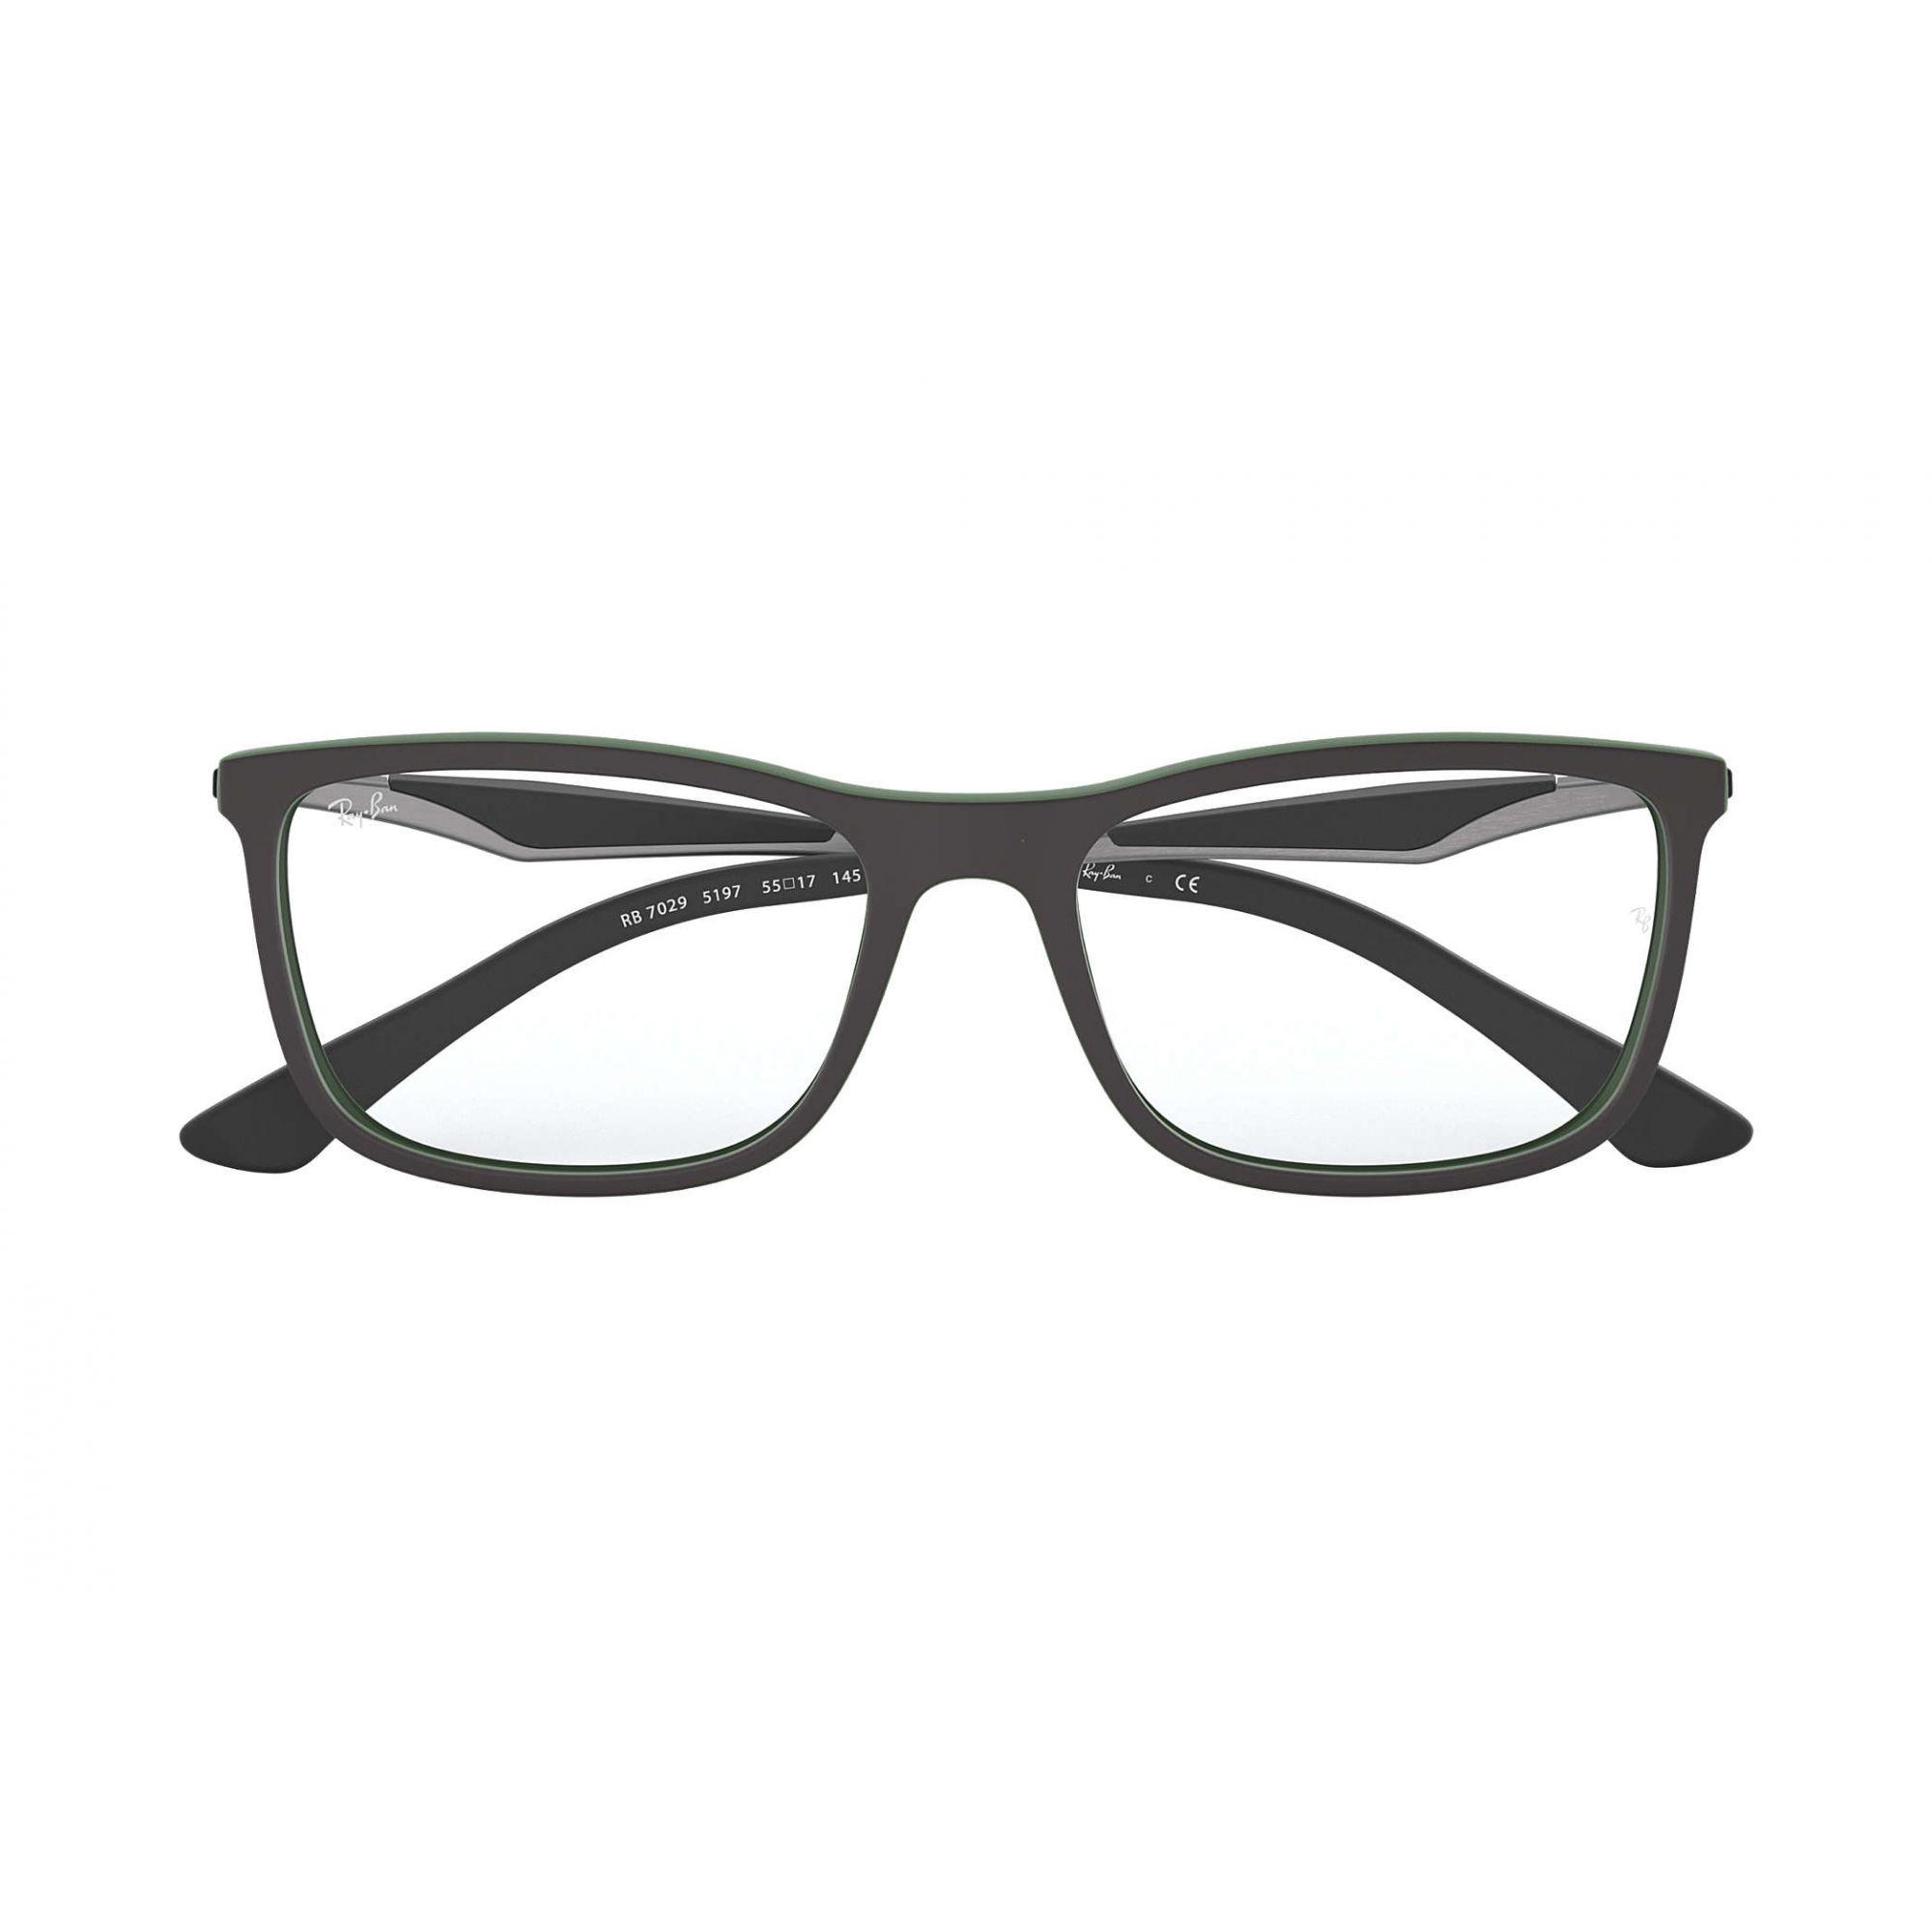 Ray Ban - RB7029 5197 - Óculos de grau